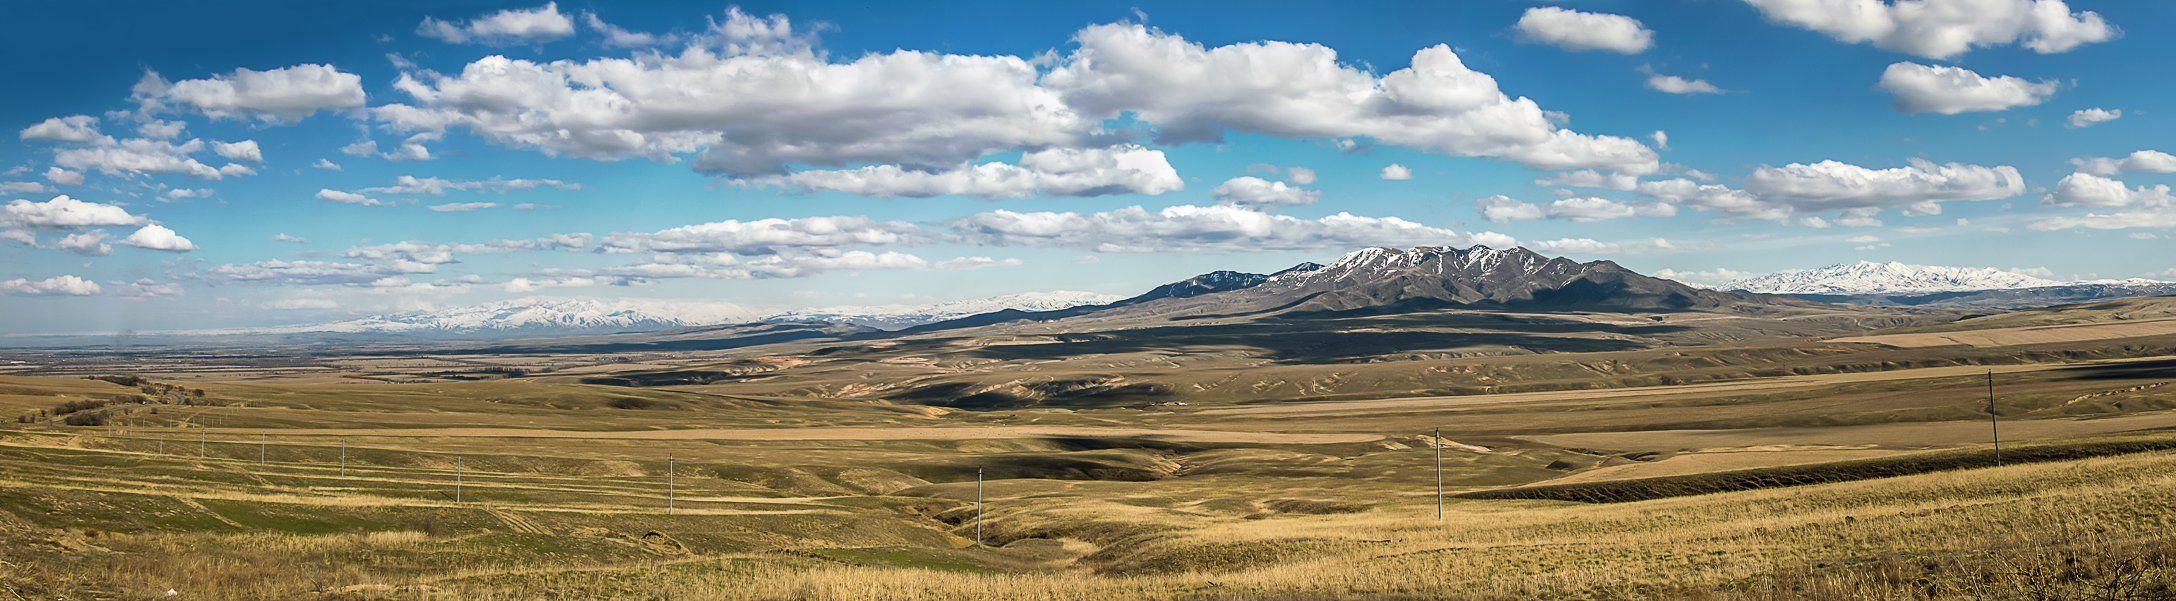 Казахстан, Мукры, Талдыкорган, Popgraph